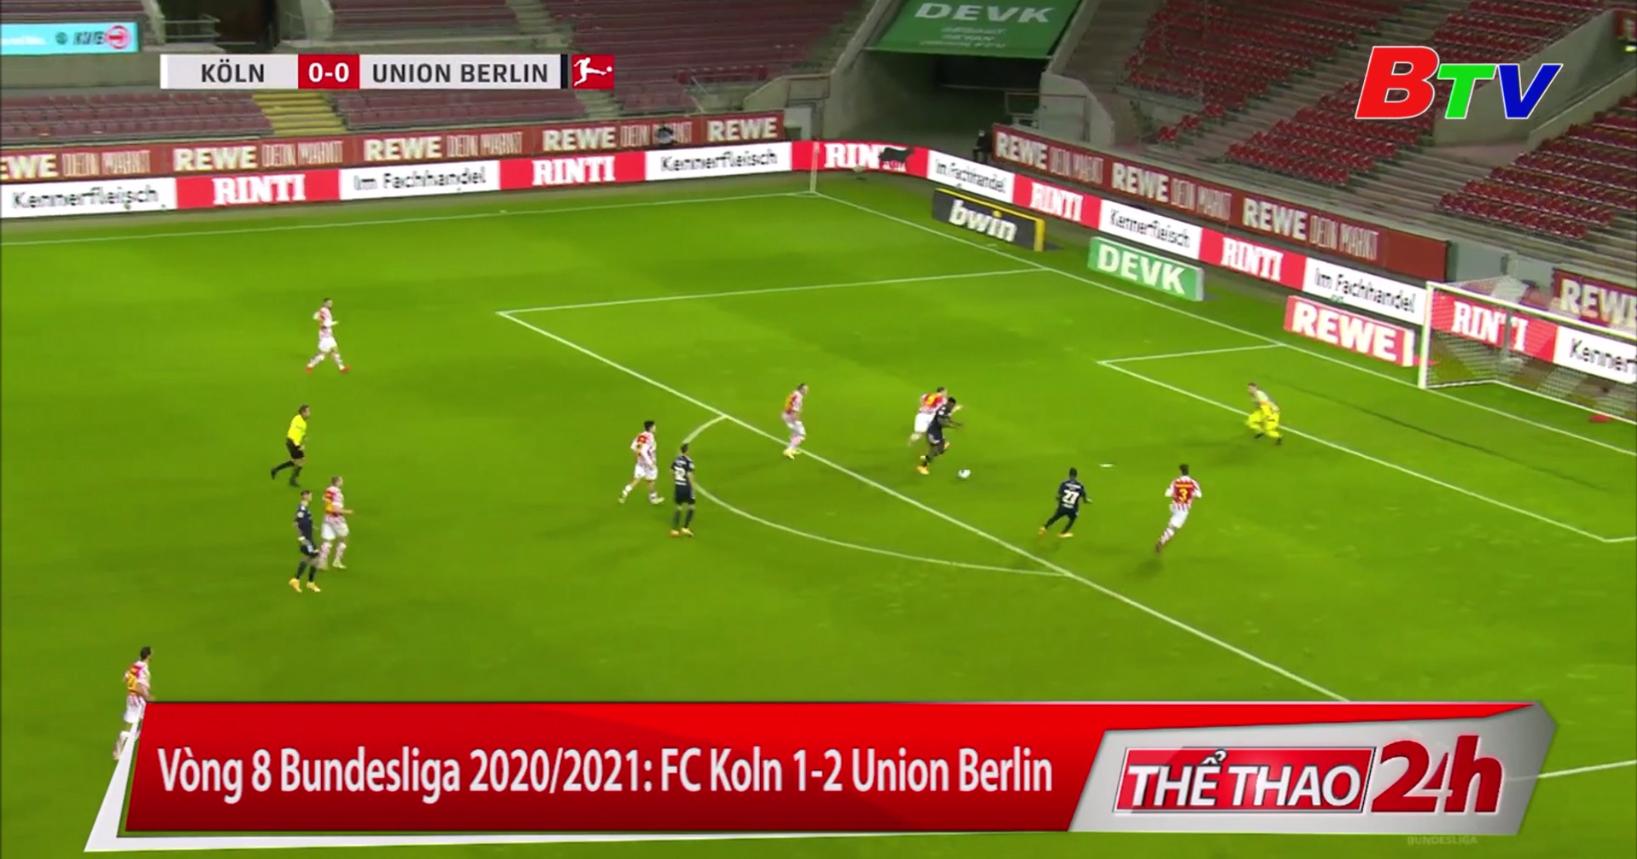 Vòng 8 Bundesliga 2020-2021 – FC Koln 1-2 Union Berlin